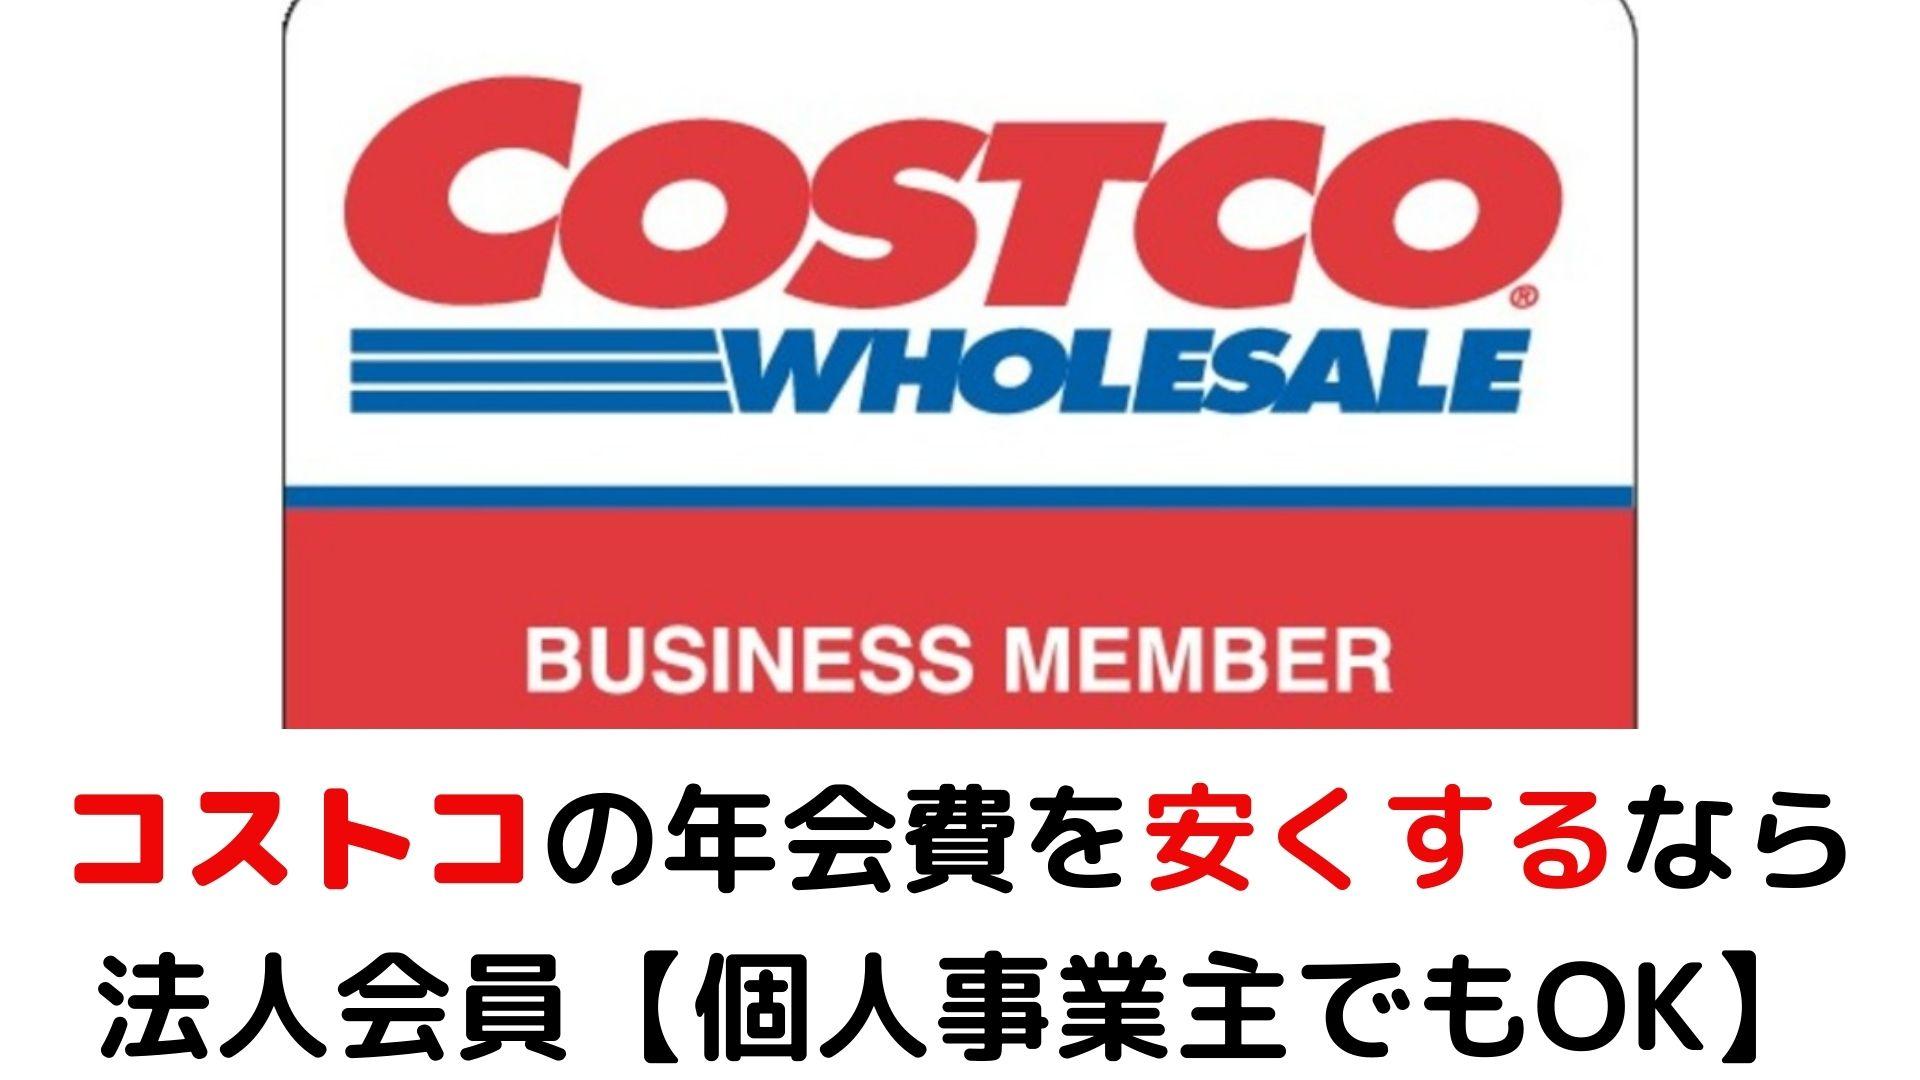 コストコの年会費を安くするなら法人会員コストコの年会費を安くするなら法人会員